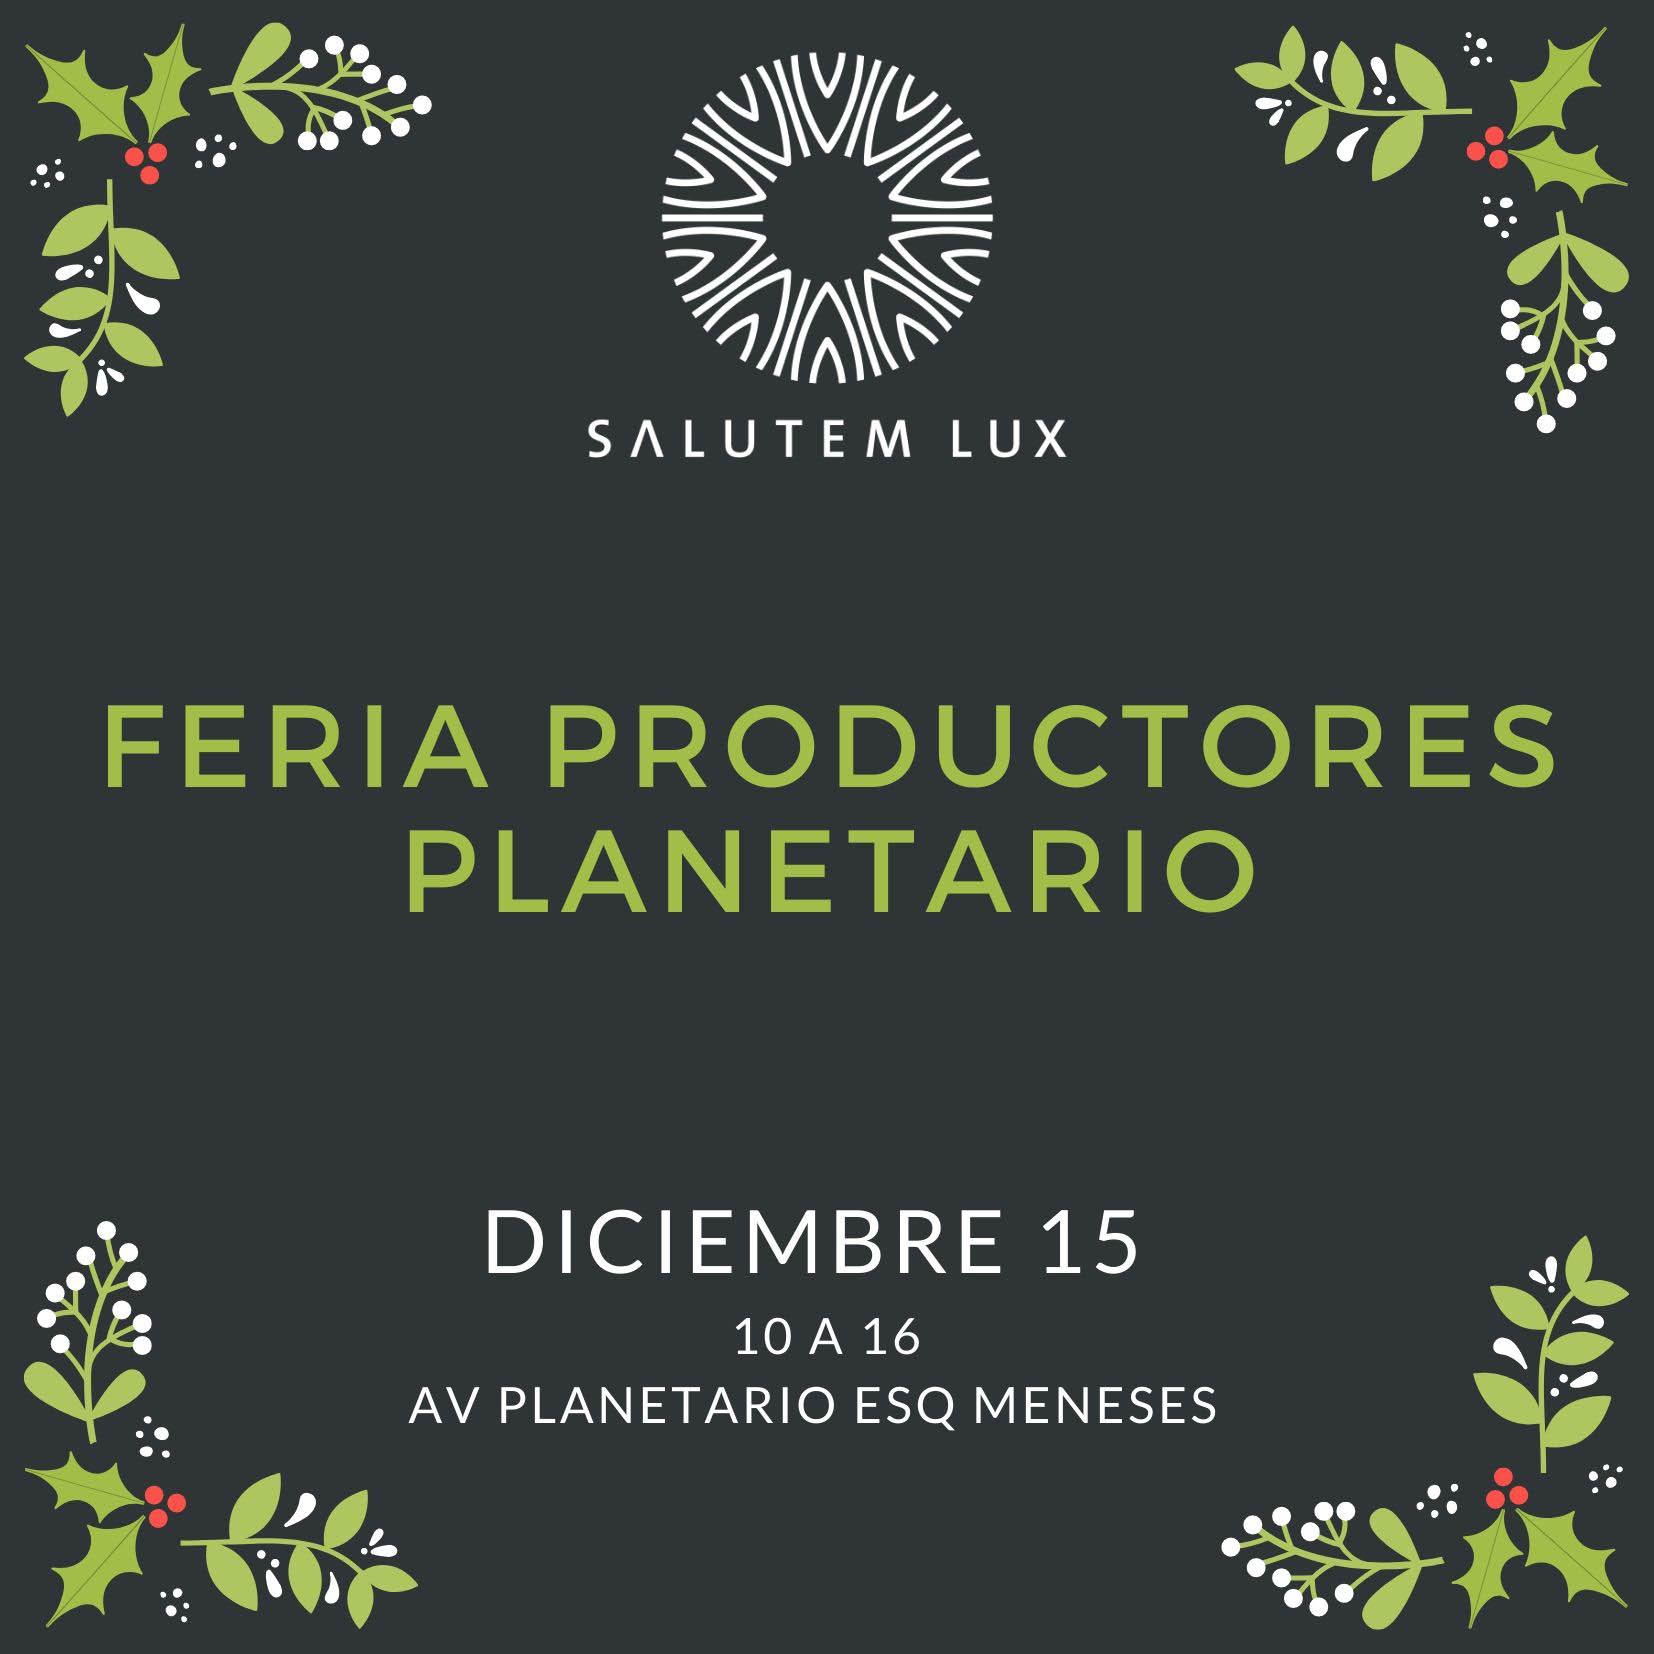 Zumos y comida vegana con Salutem Lux en el Mercado de Productores Planetario (diciembre)